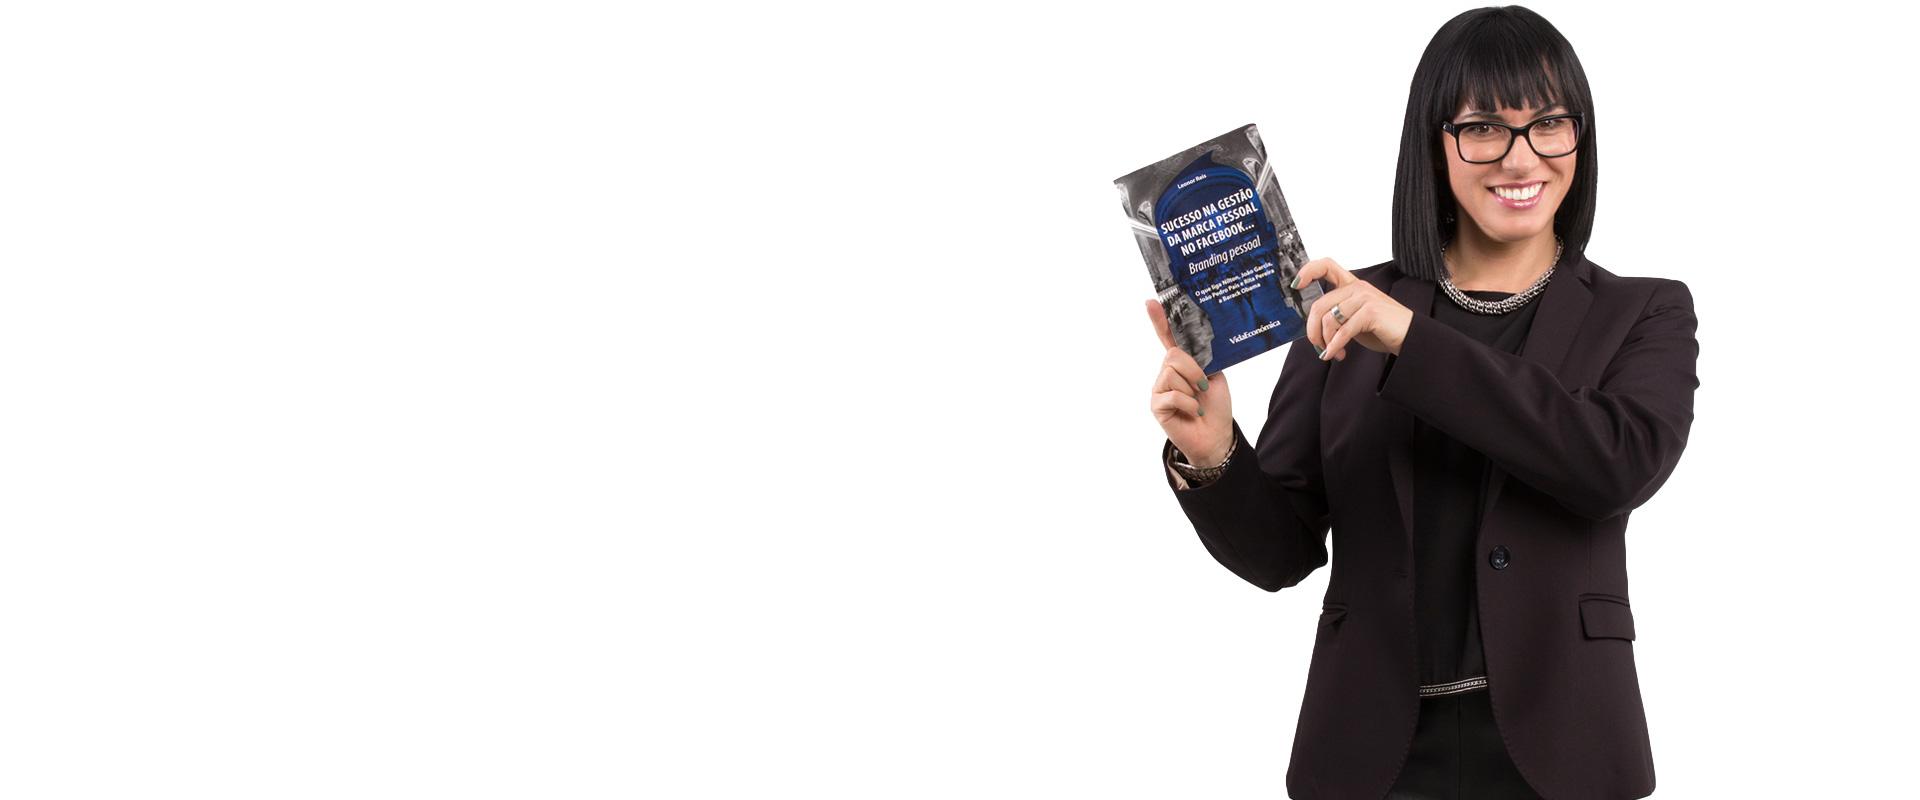 Leonor Reis Marca pessoal, Leonor Reis, Personal Branding, Leonor Reis Personal brand,Marca Pessoal, Personal Brand, Branding Pessoal, Personal Branding, Livro - Sucesso na Gestão da marca pessoal no facebook, facebook, sucesso, gestão marca pessoal, livro marca pessoal, 10 motivos para comprar o livro, 10 motivos, comprar livro, motivos, dez motivos